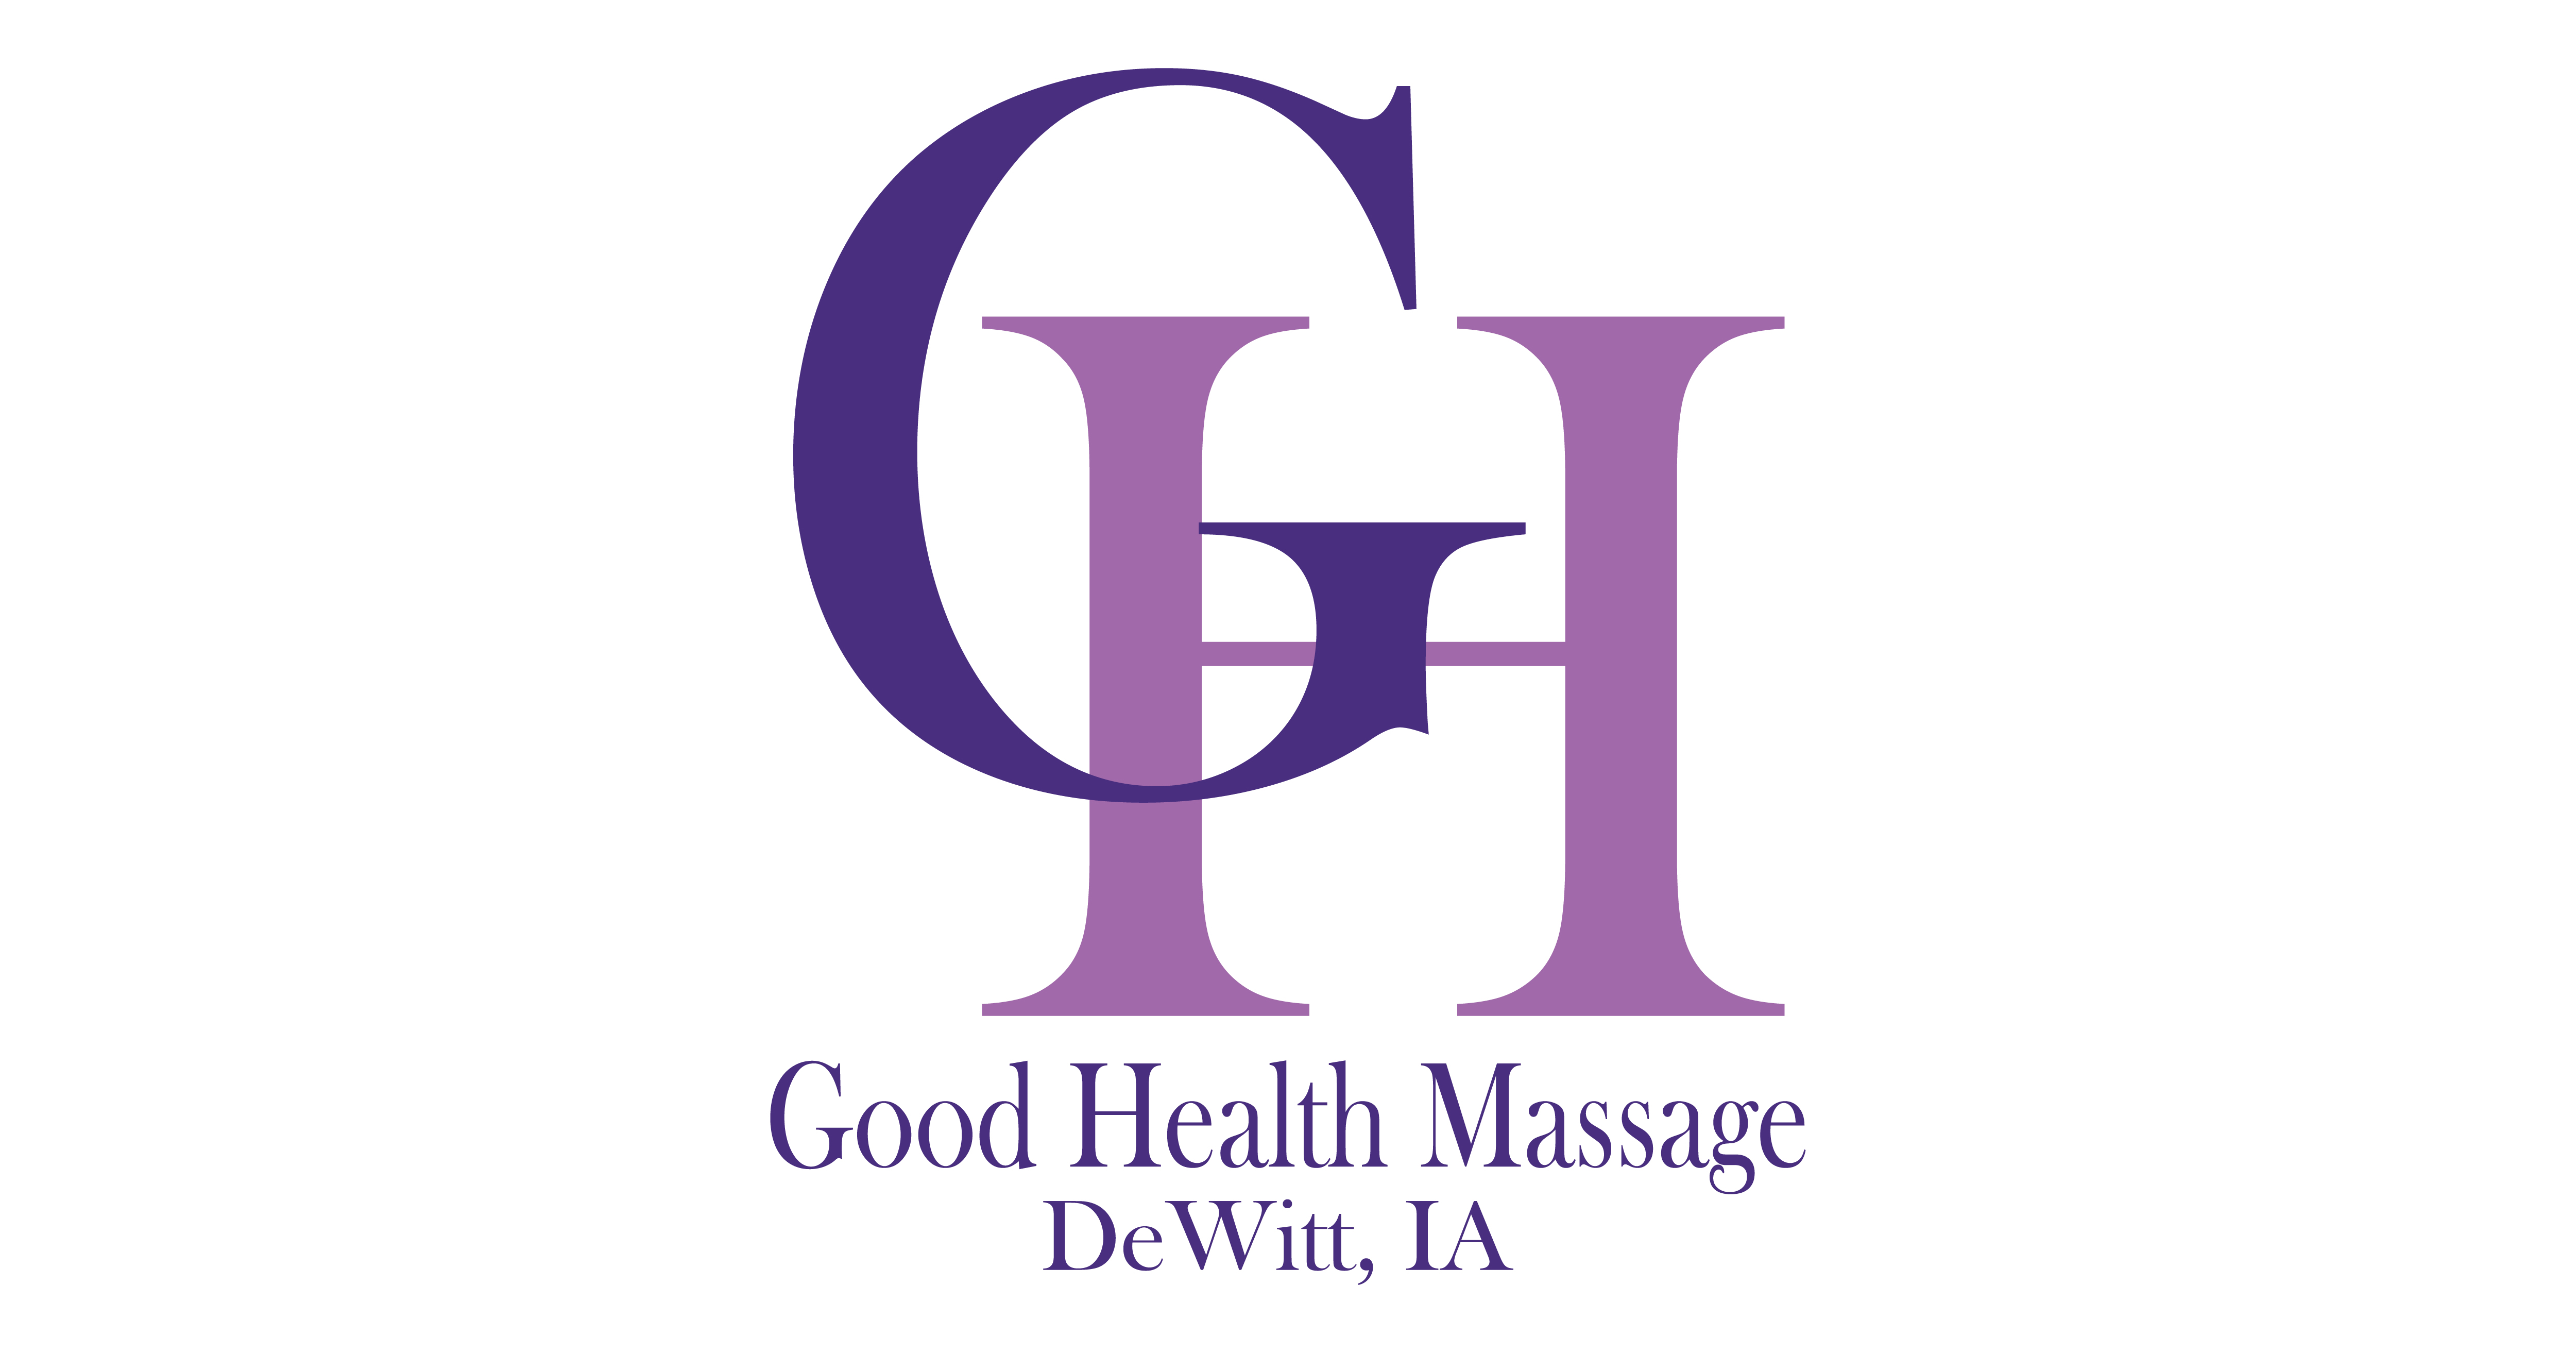 GH DeWitt IA Logo